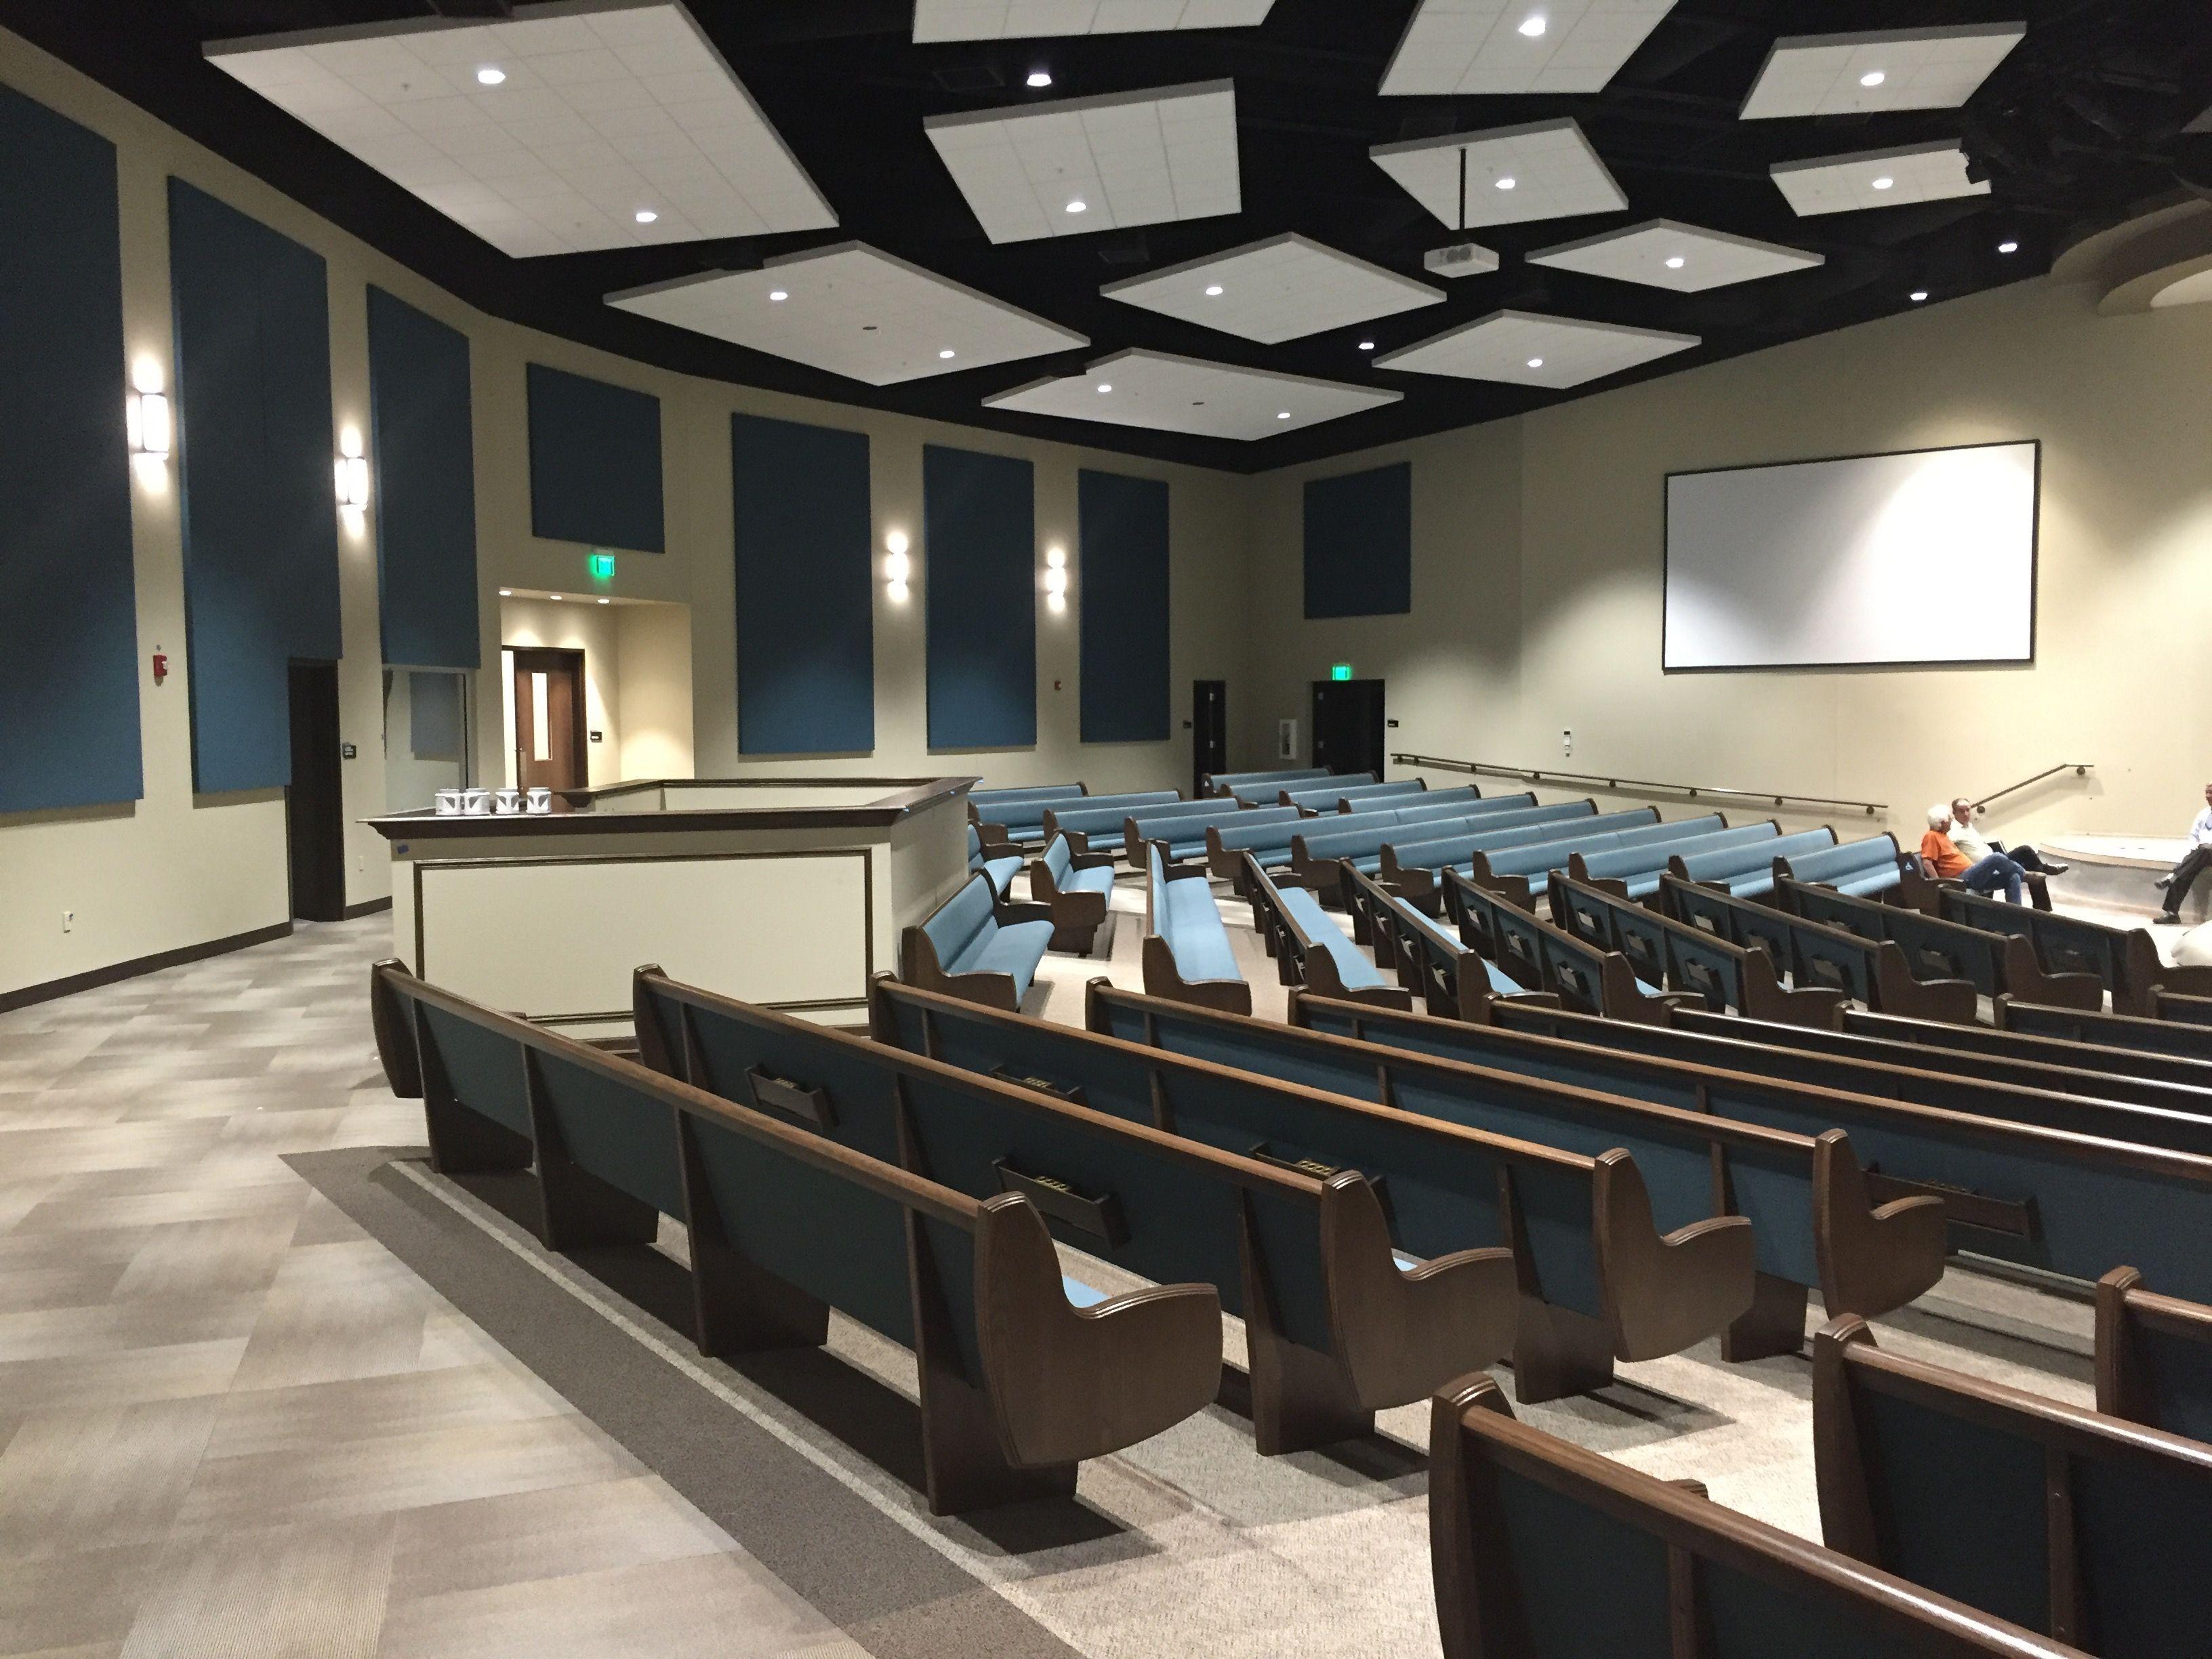 West Orlando Baptist Church In Winter Garden Fl New